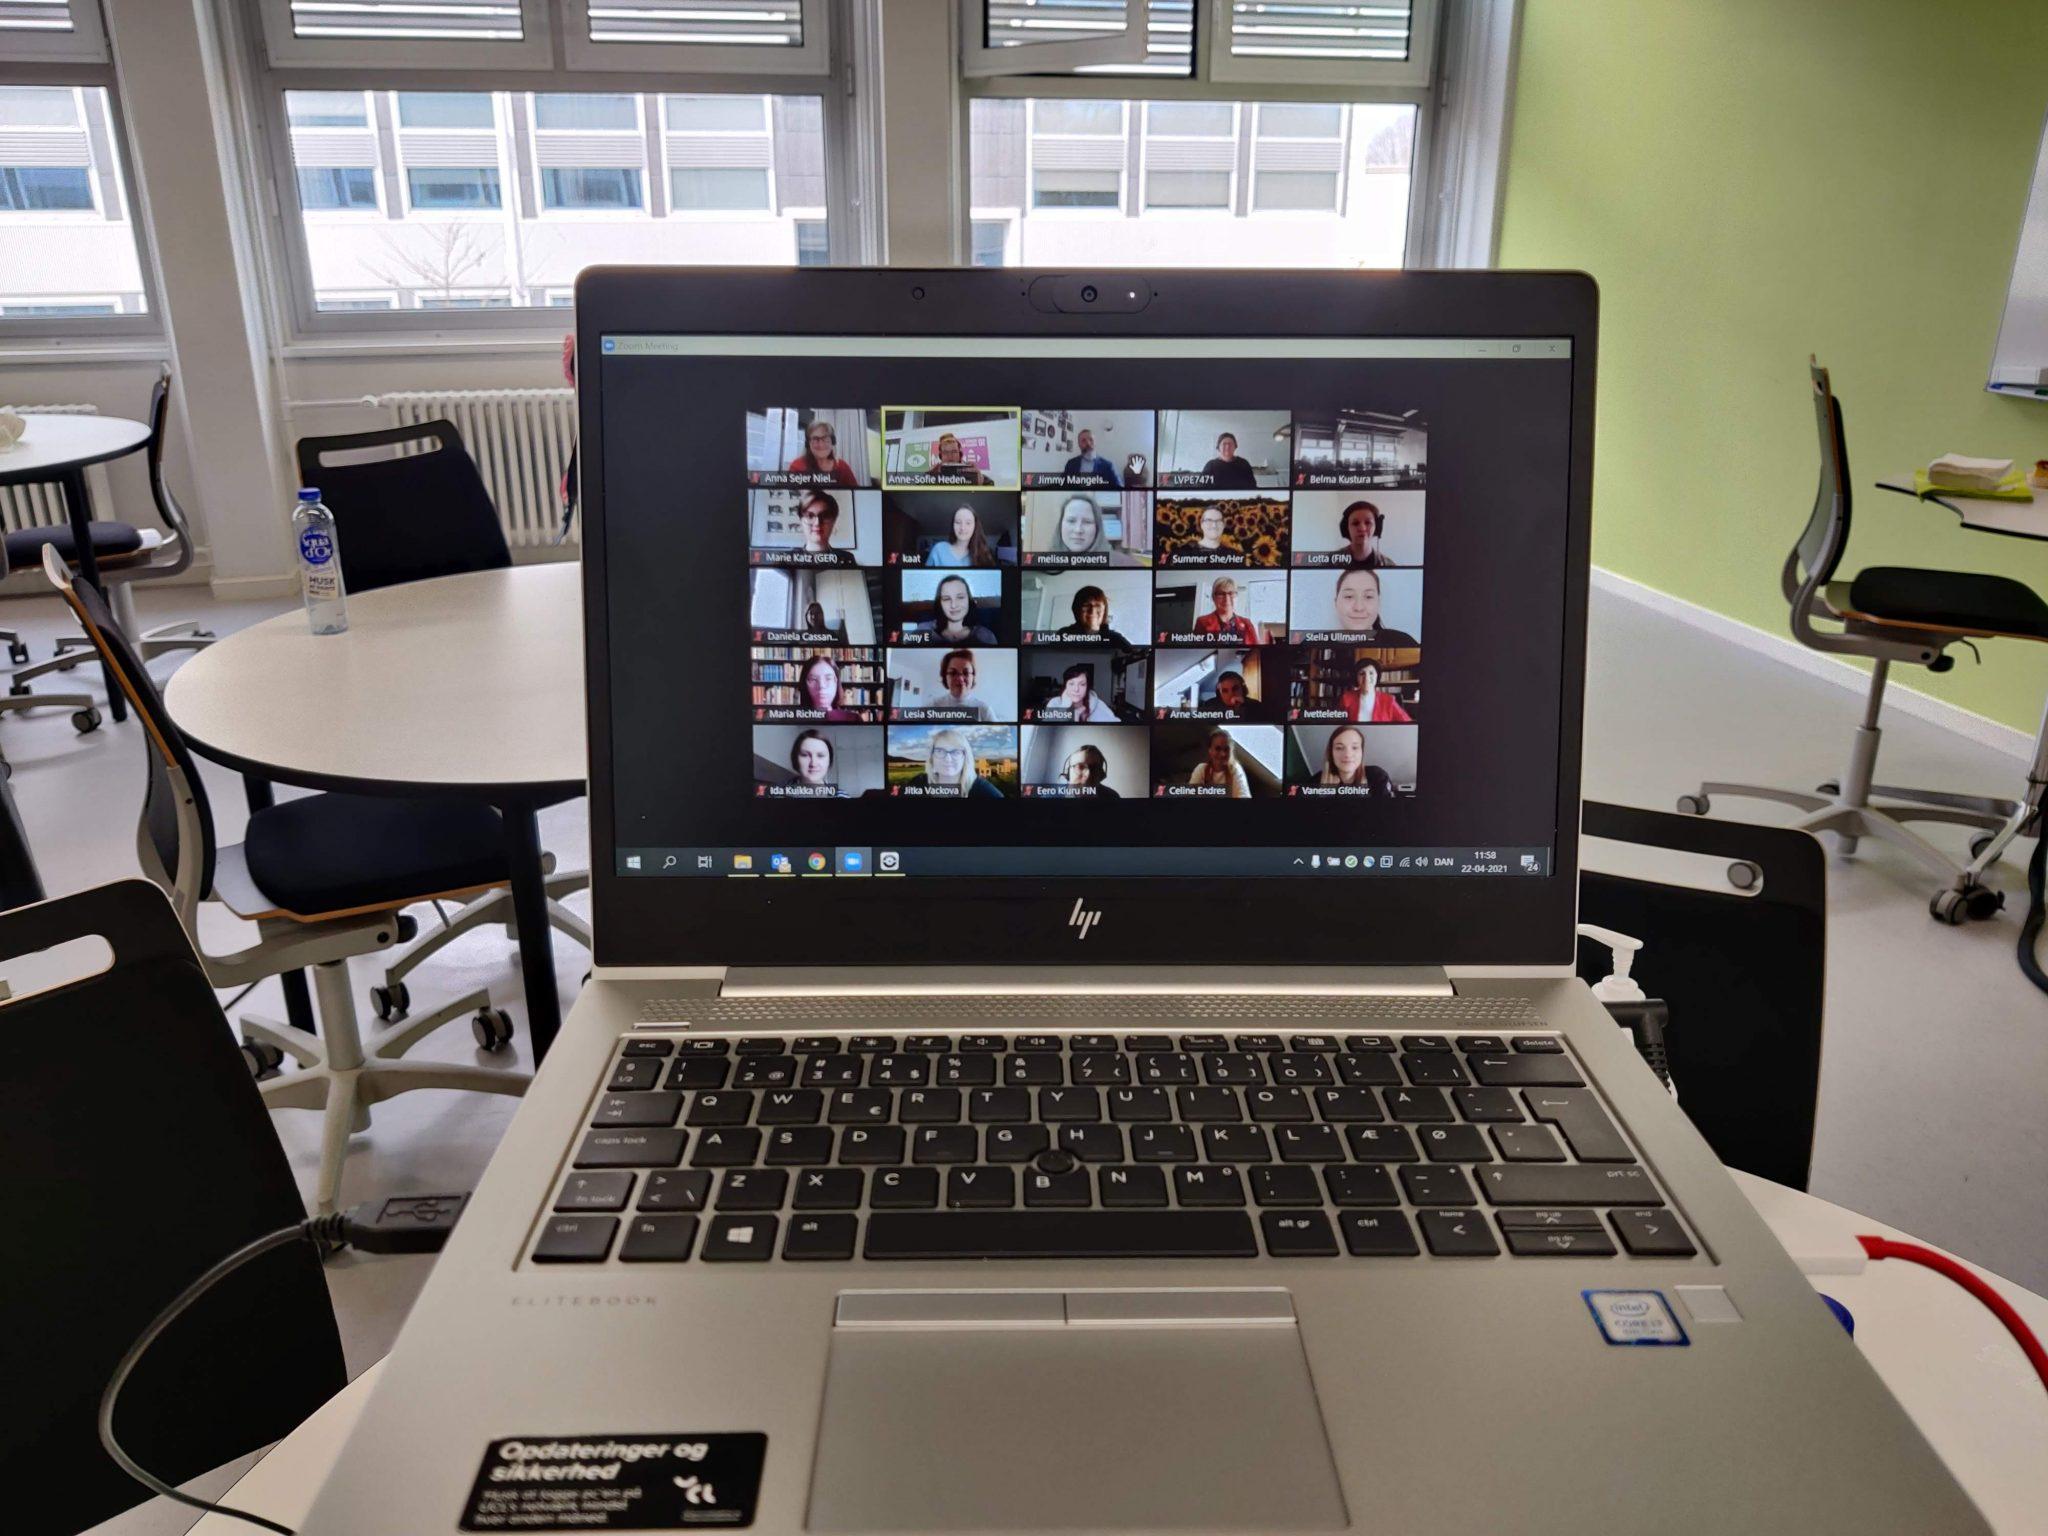 Kannettava tietokone jonka näytöllä Zoom-kokous jossa kymmeniä osallistujia.